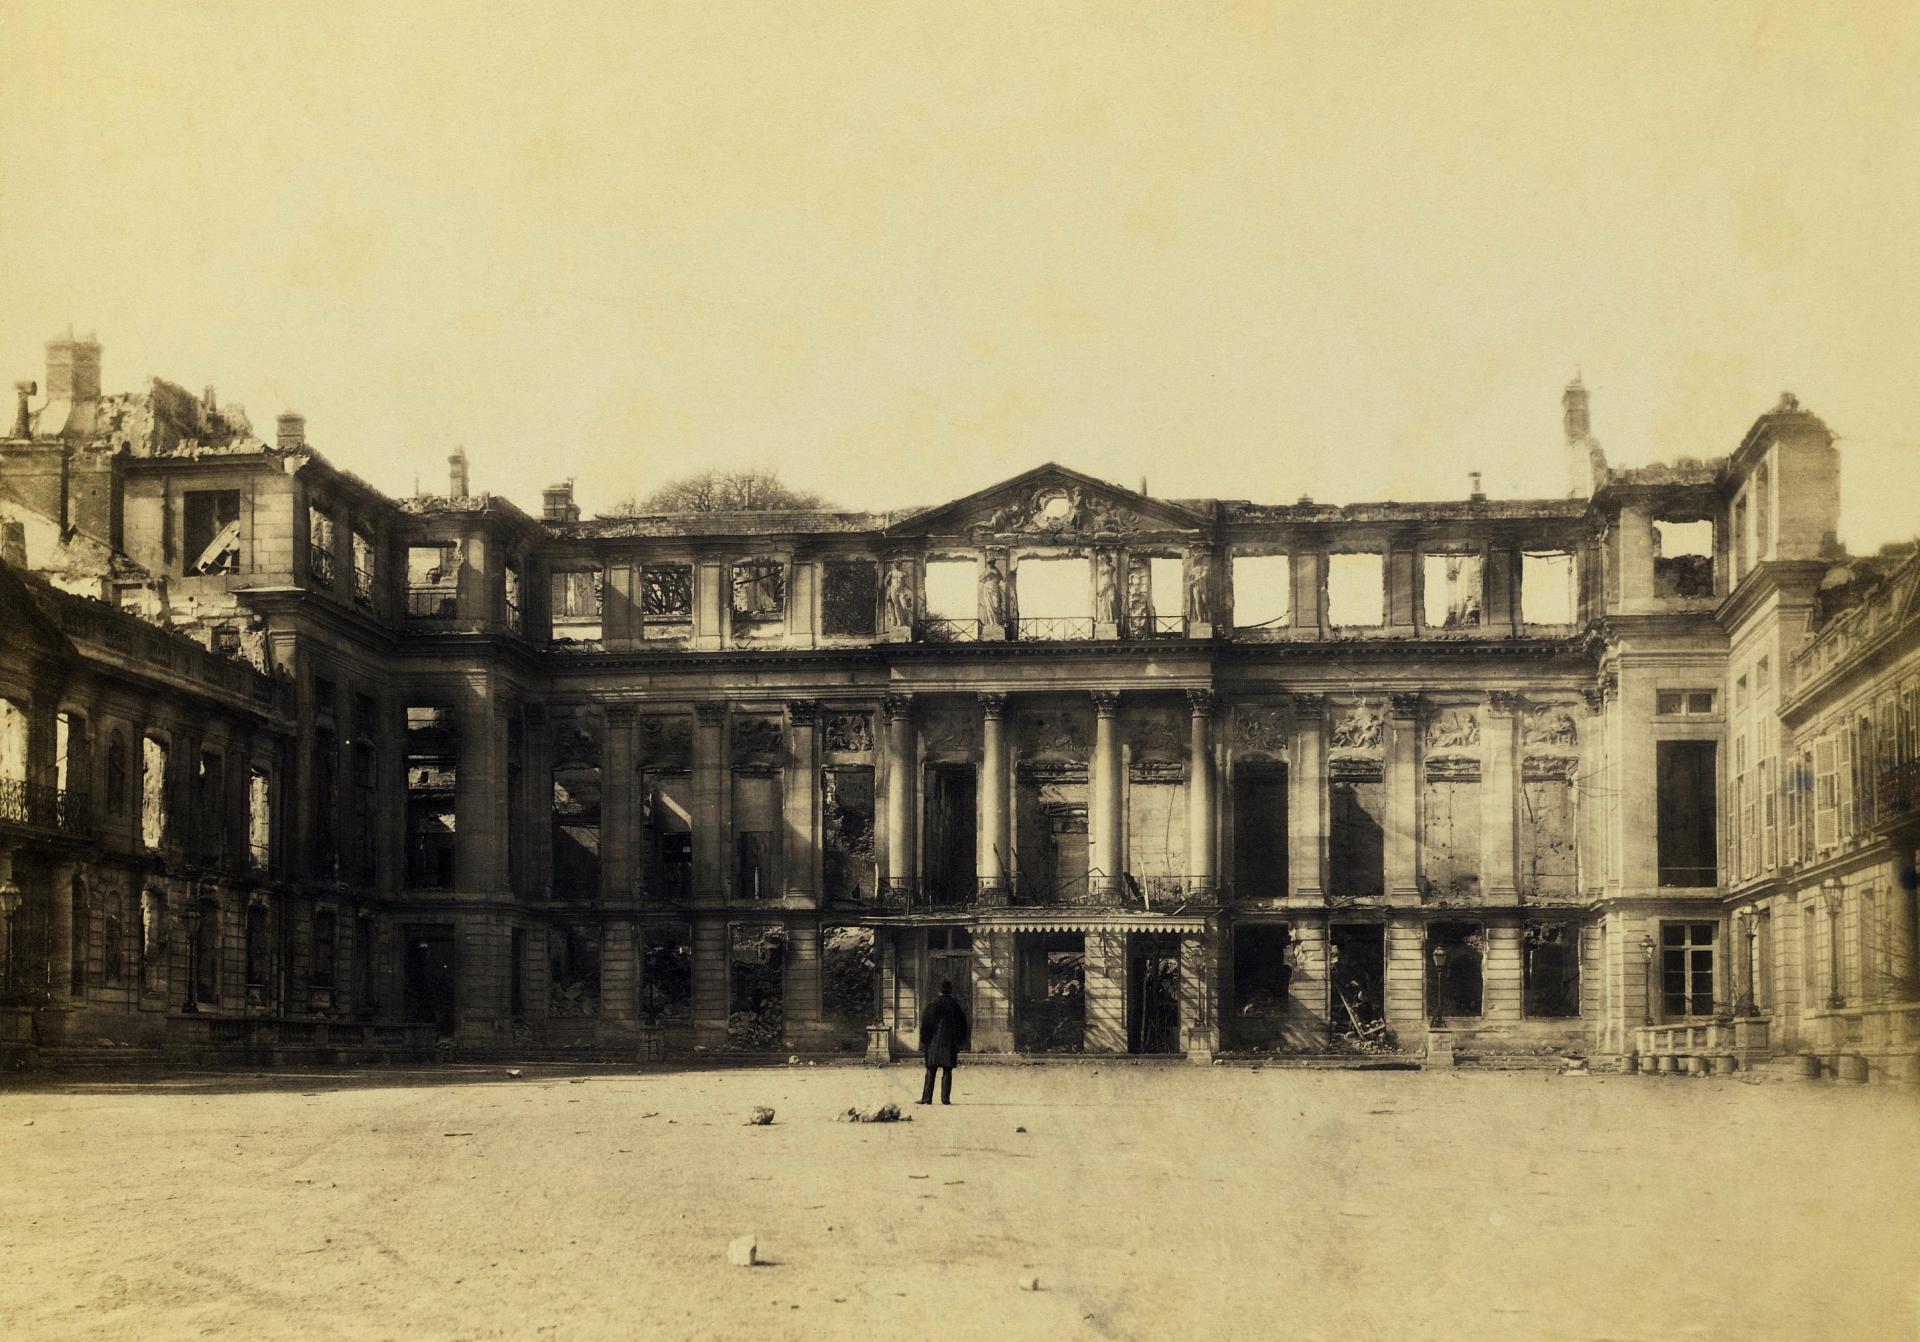 Saint cloud chateau apres 1870 2